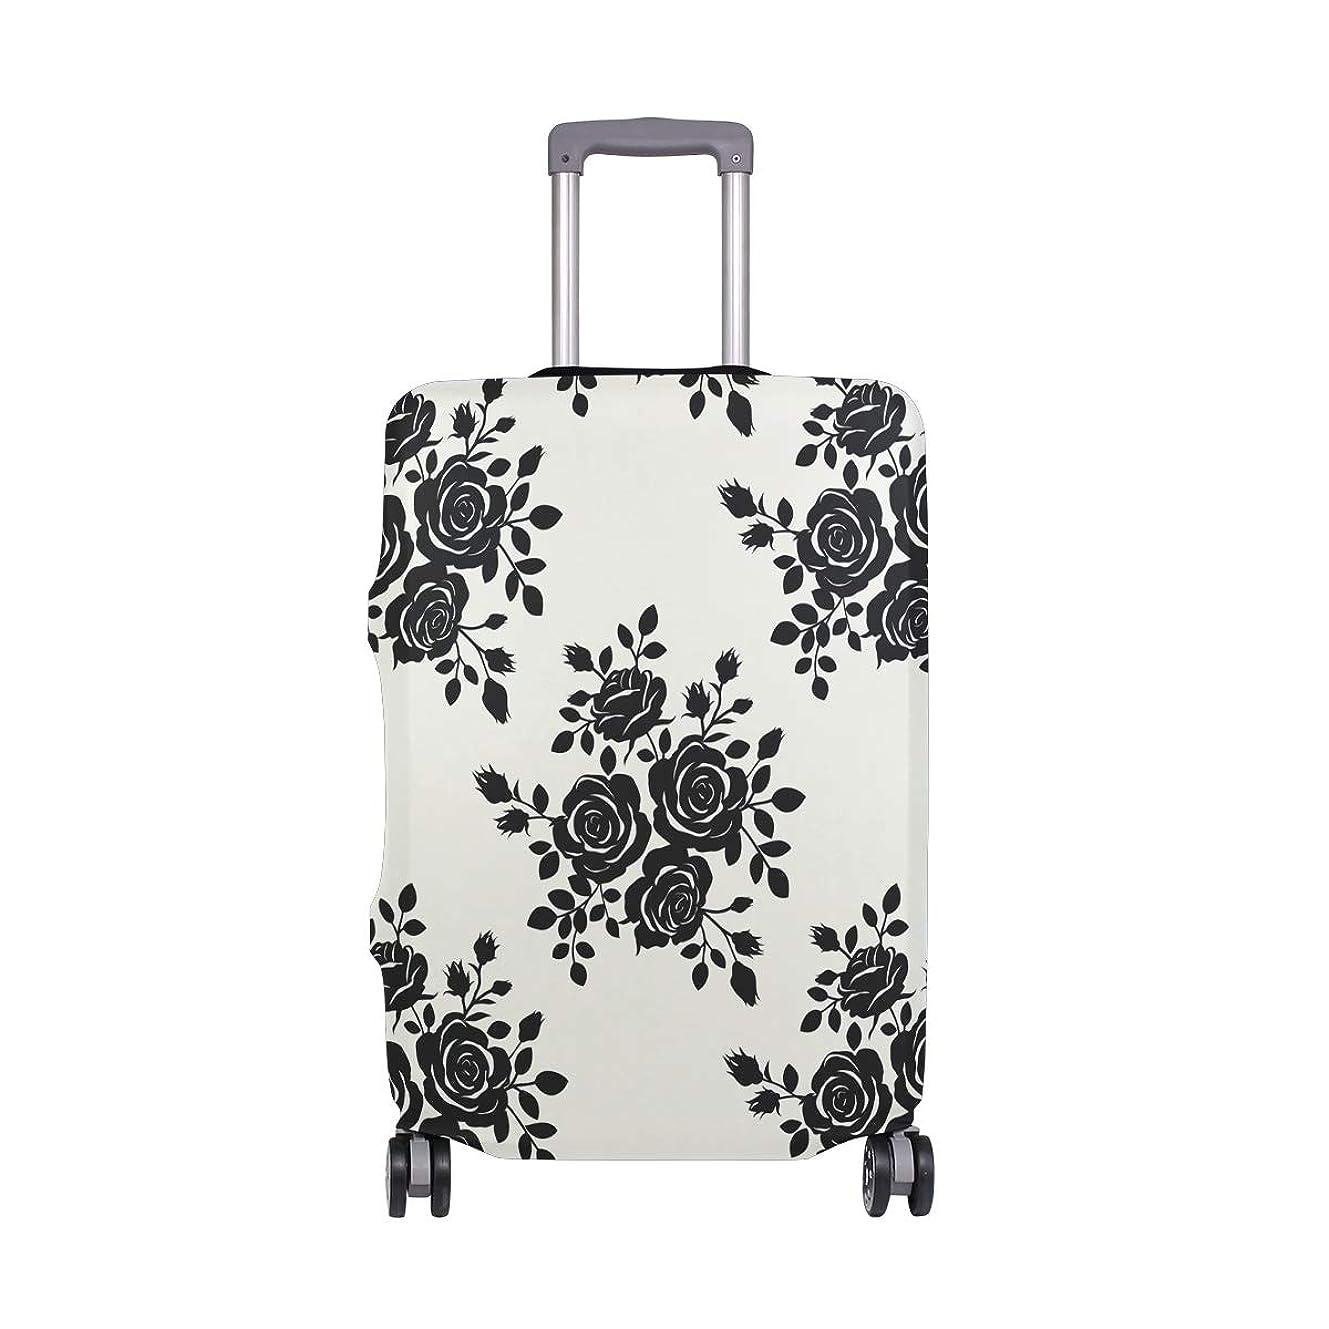 指令帝国黒いバラ スーツケースカバー 弾性素材 おしゃれ トラベルダストカバー 傷防止 防塵カバー 洗える 18-32インチの荷物にフィット